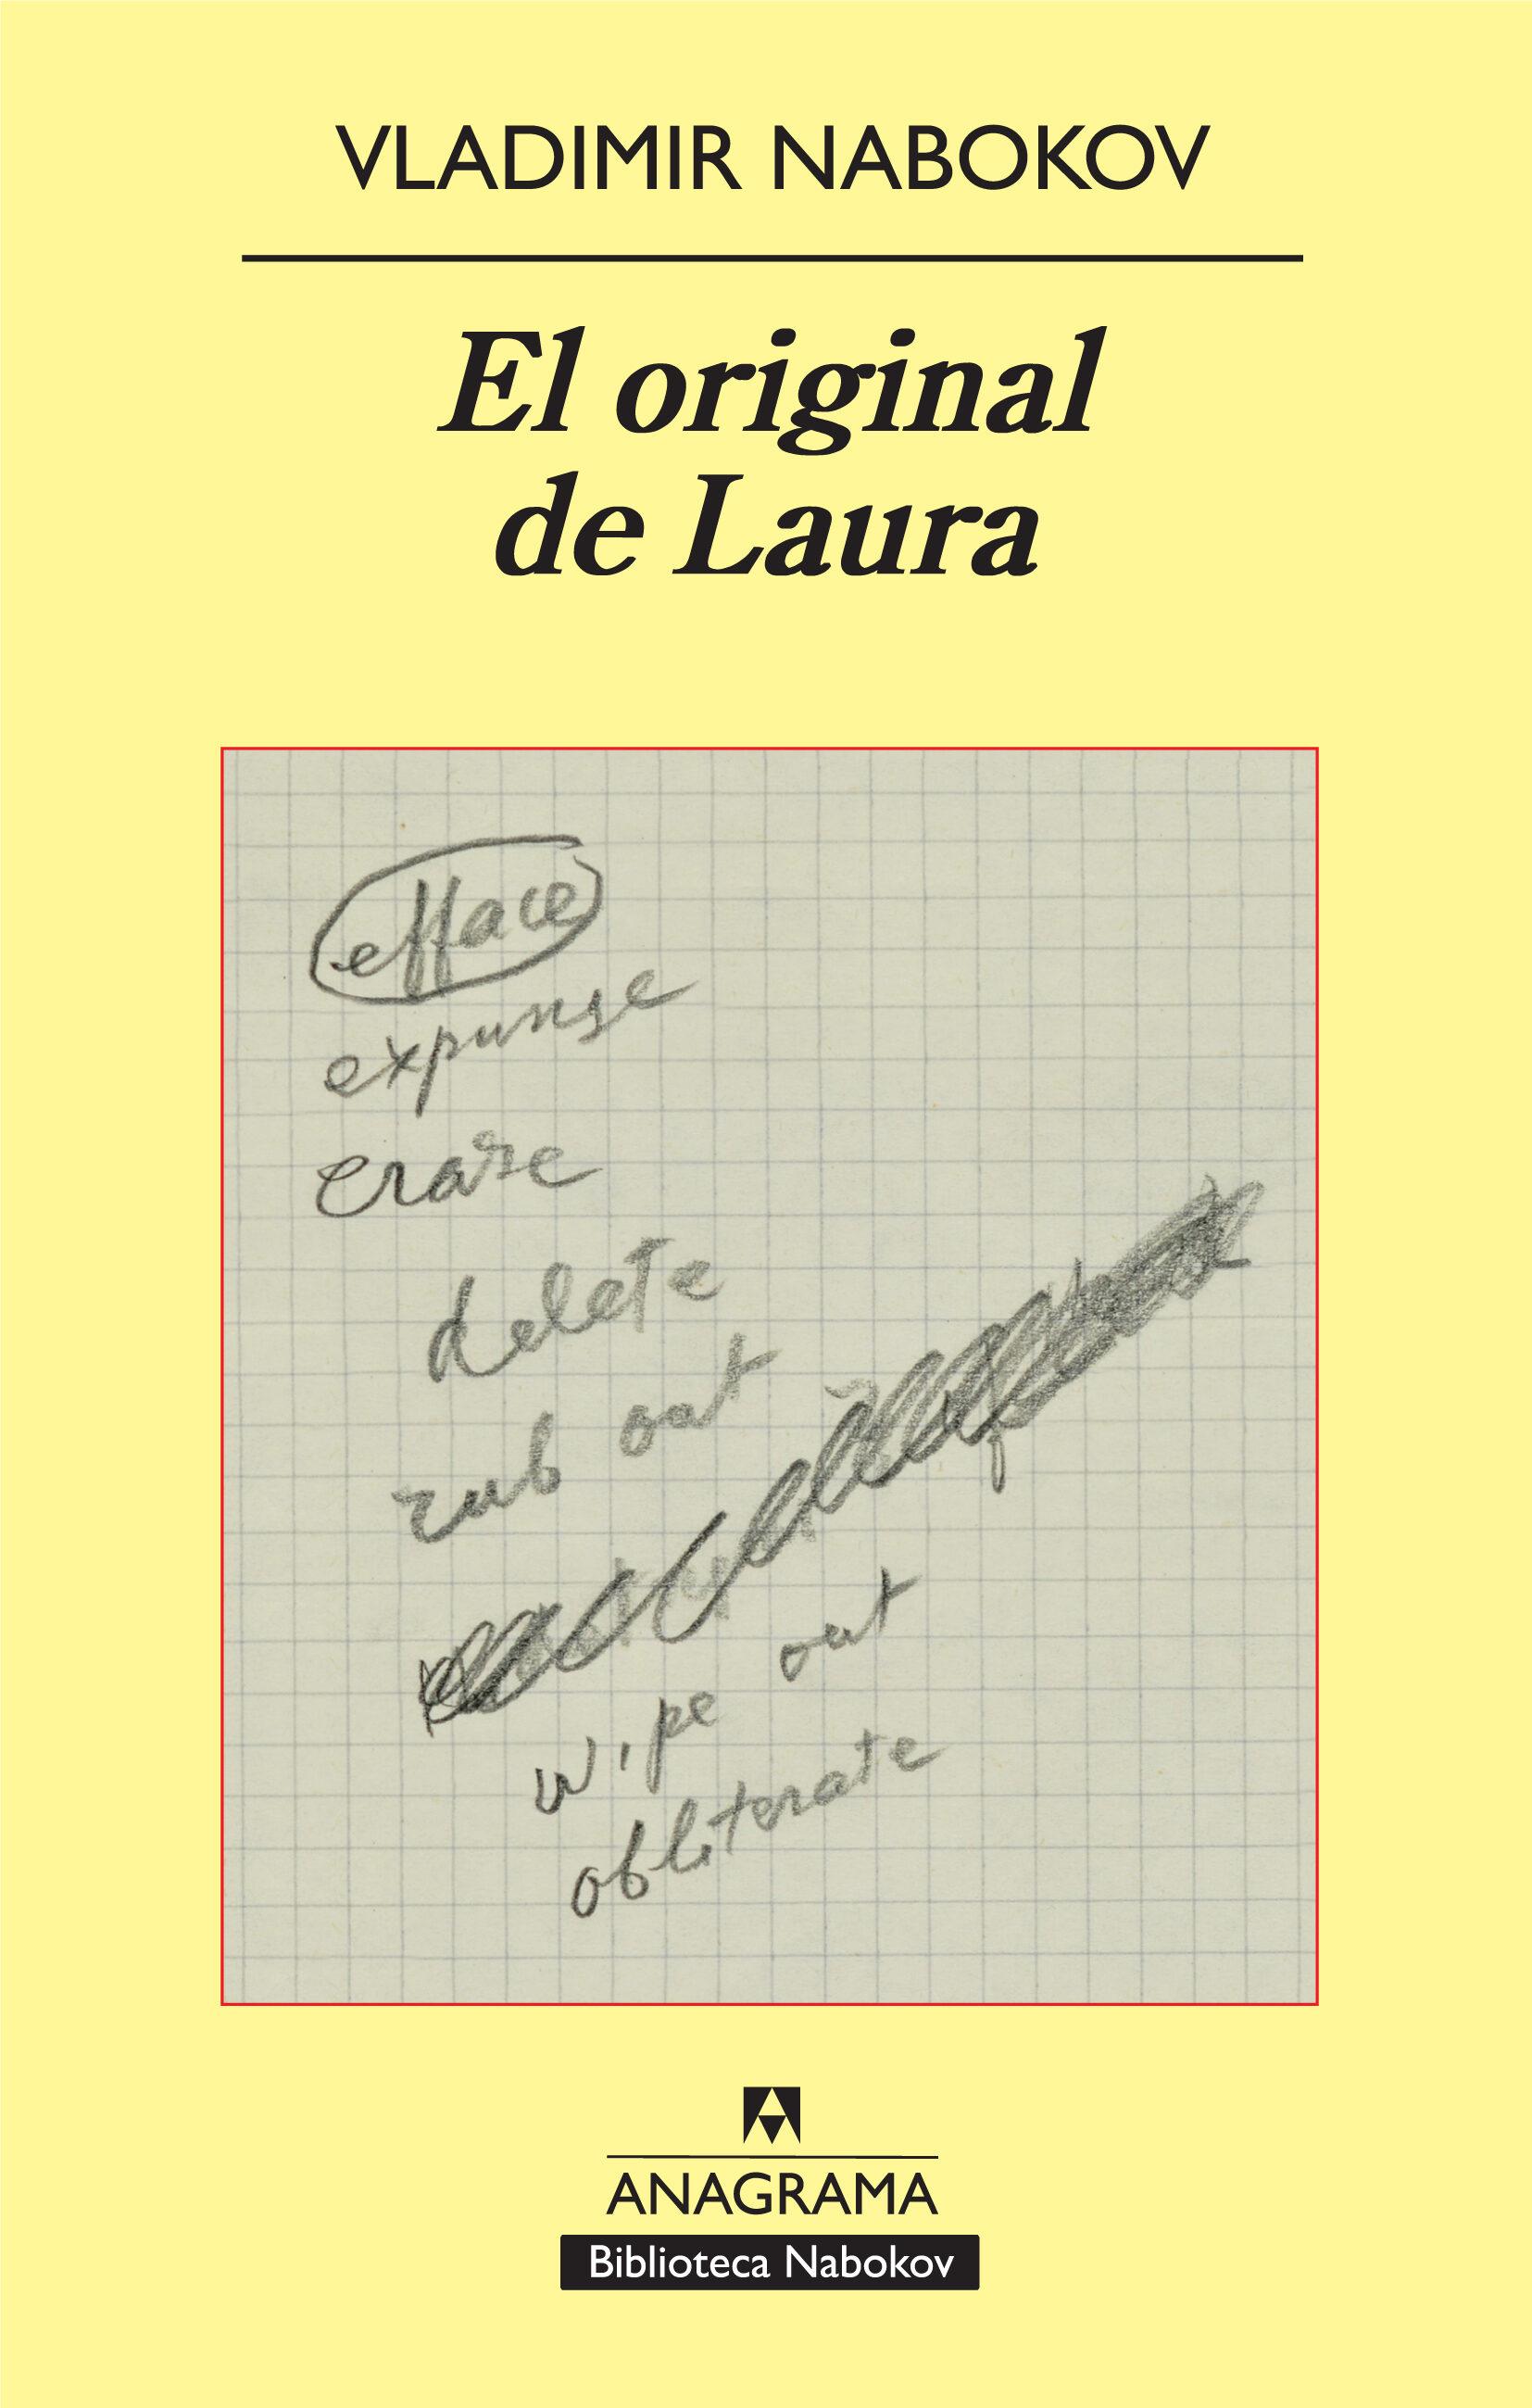 el original de laura-vladimir nabokov-9788433975317